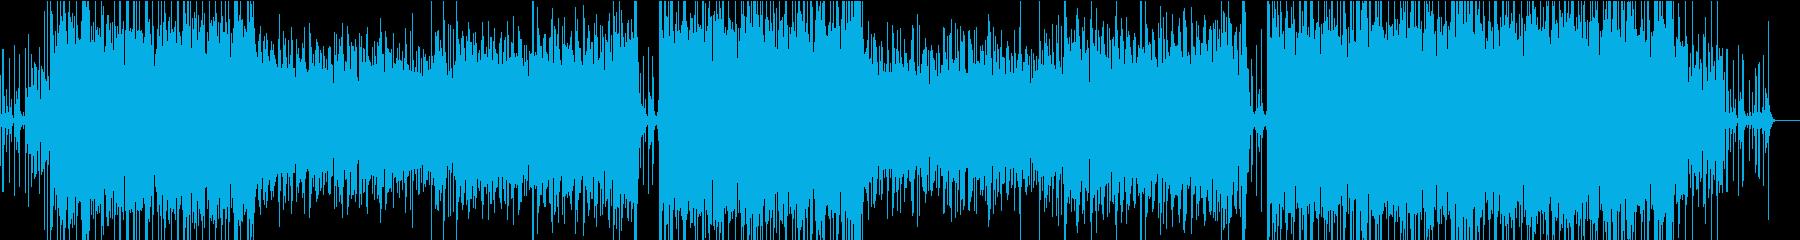 ラテンテイストのサンバ曲。の再生済みの波形